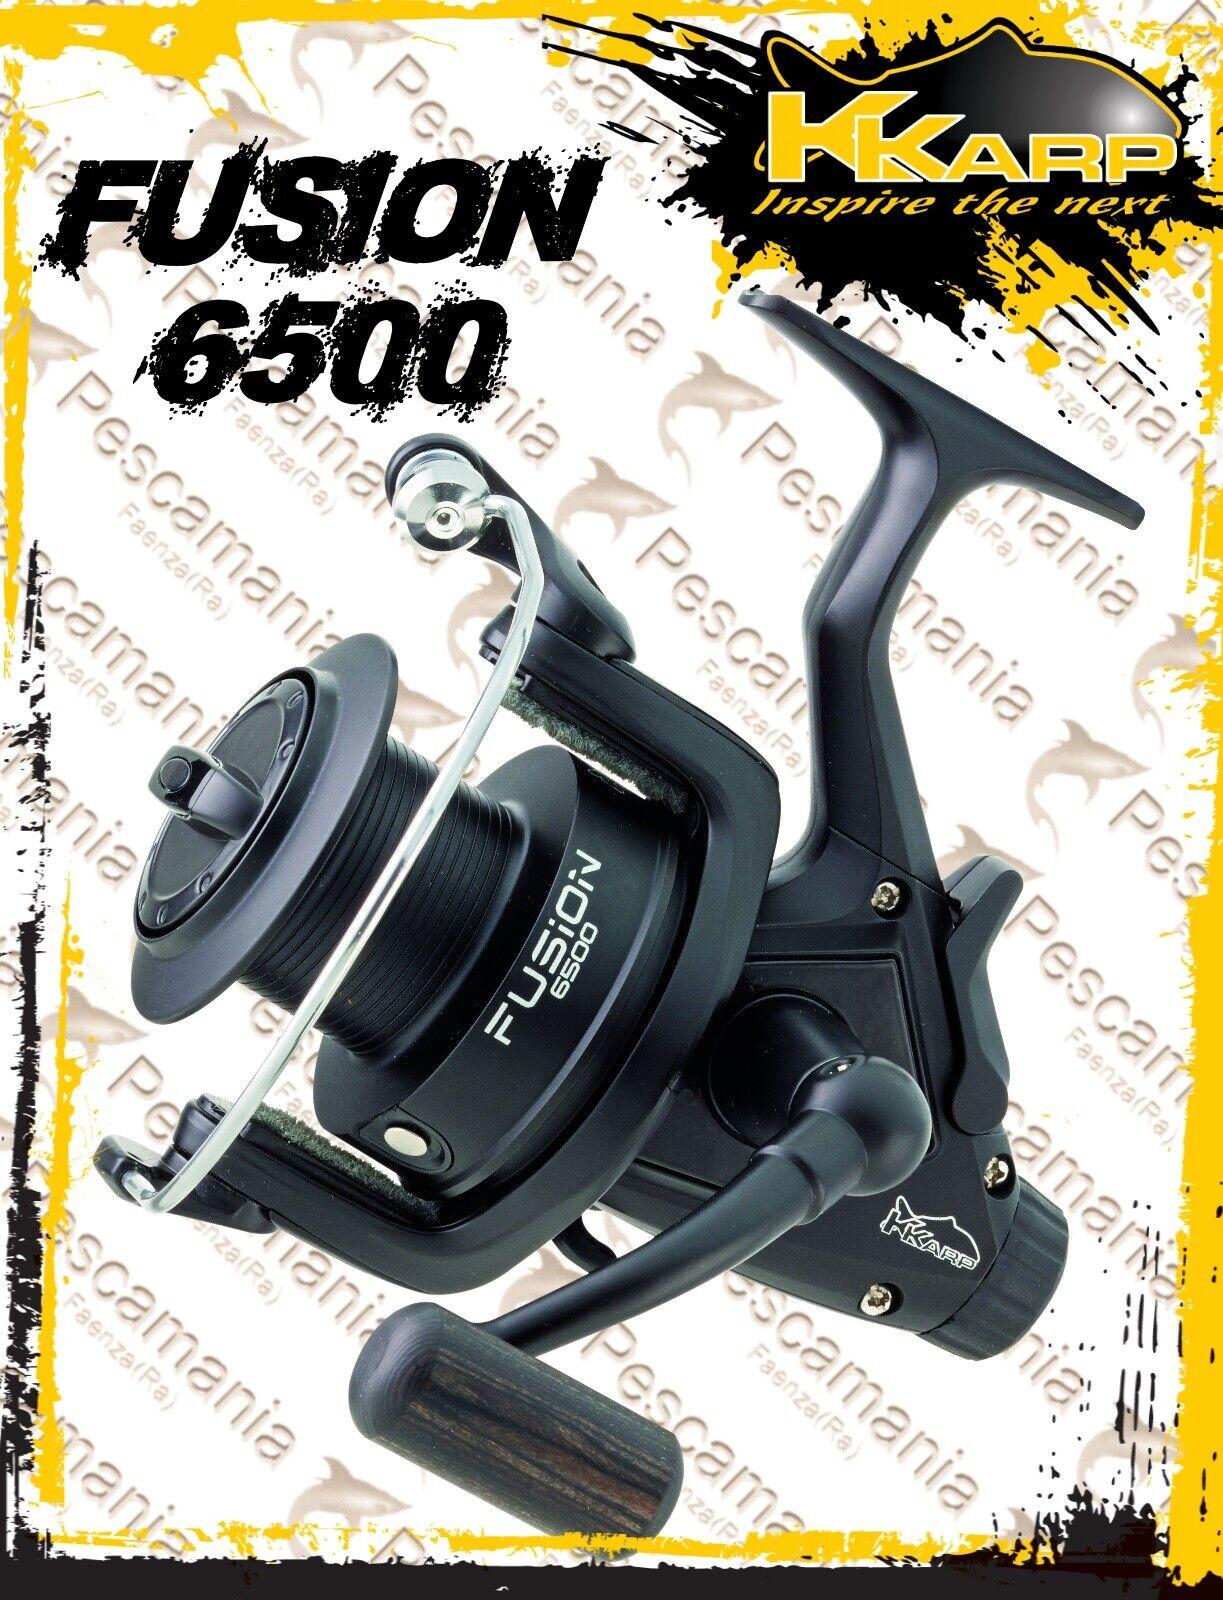 Mulinello KKarp FUSION 6500 gratuito spool autop pesca autop correrener